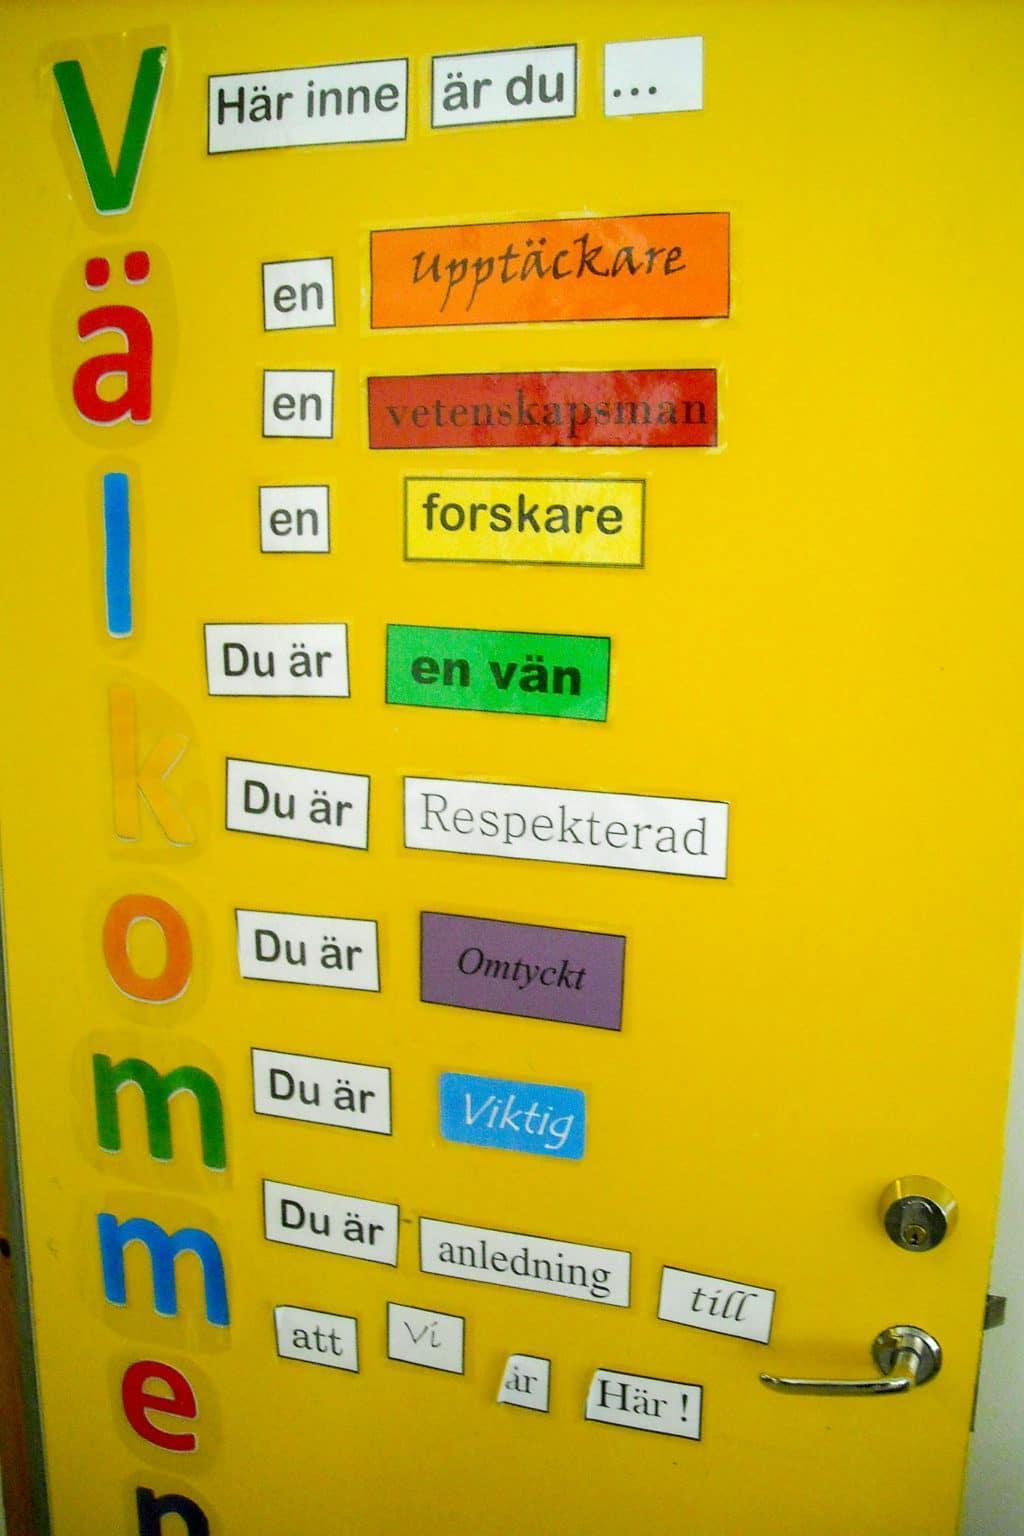 Fina texter om vad man ska tänka på när man går i klass 3a och 3b. Foto: Mats Haldosén